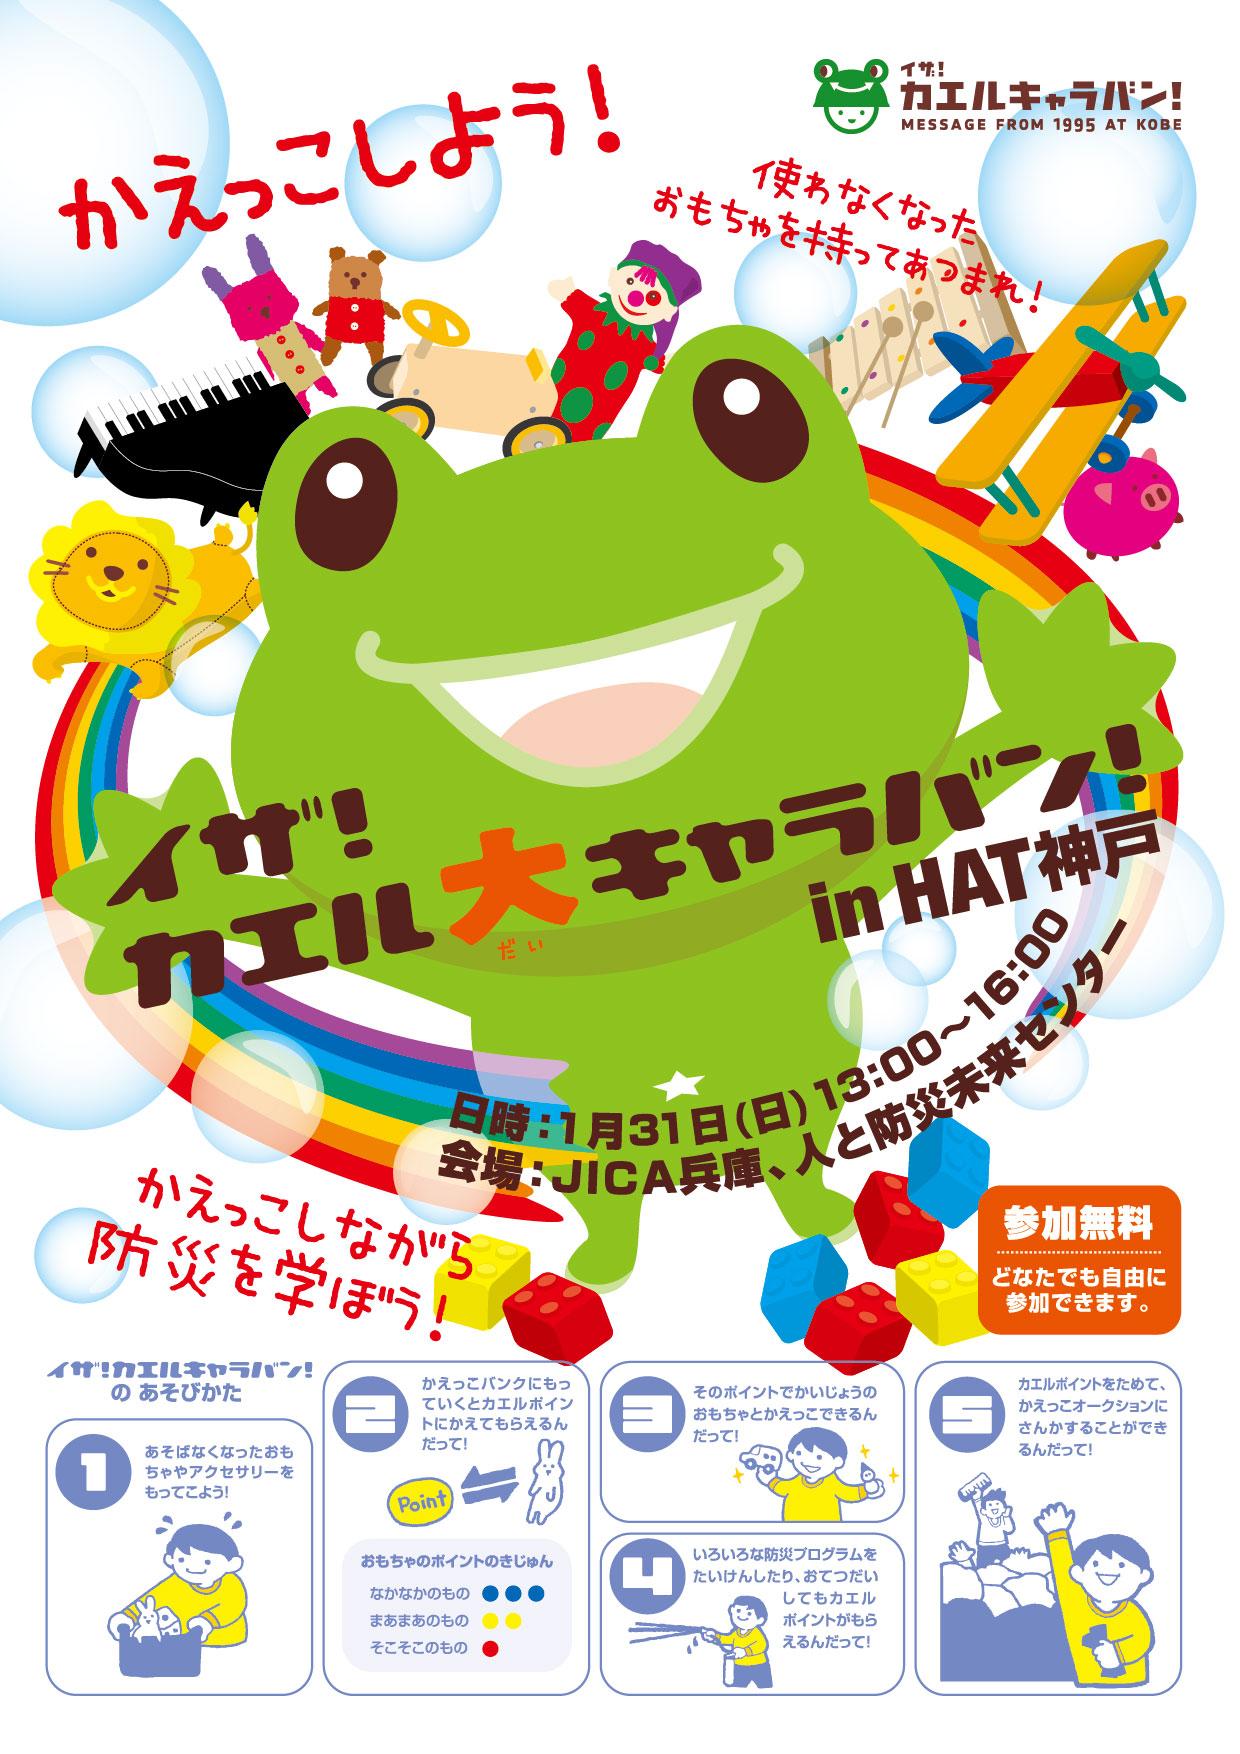 イザ!カエル大キャラバン!inHAT神戸 2010